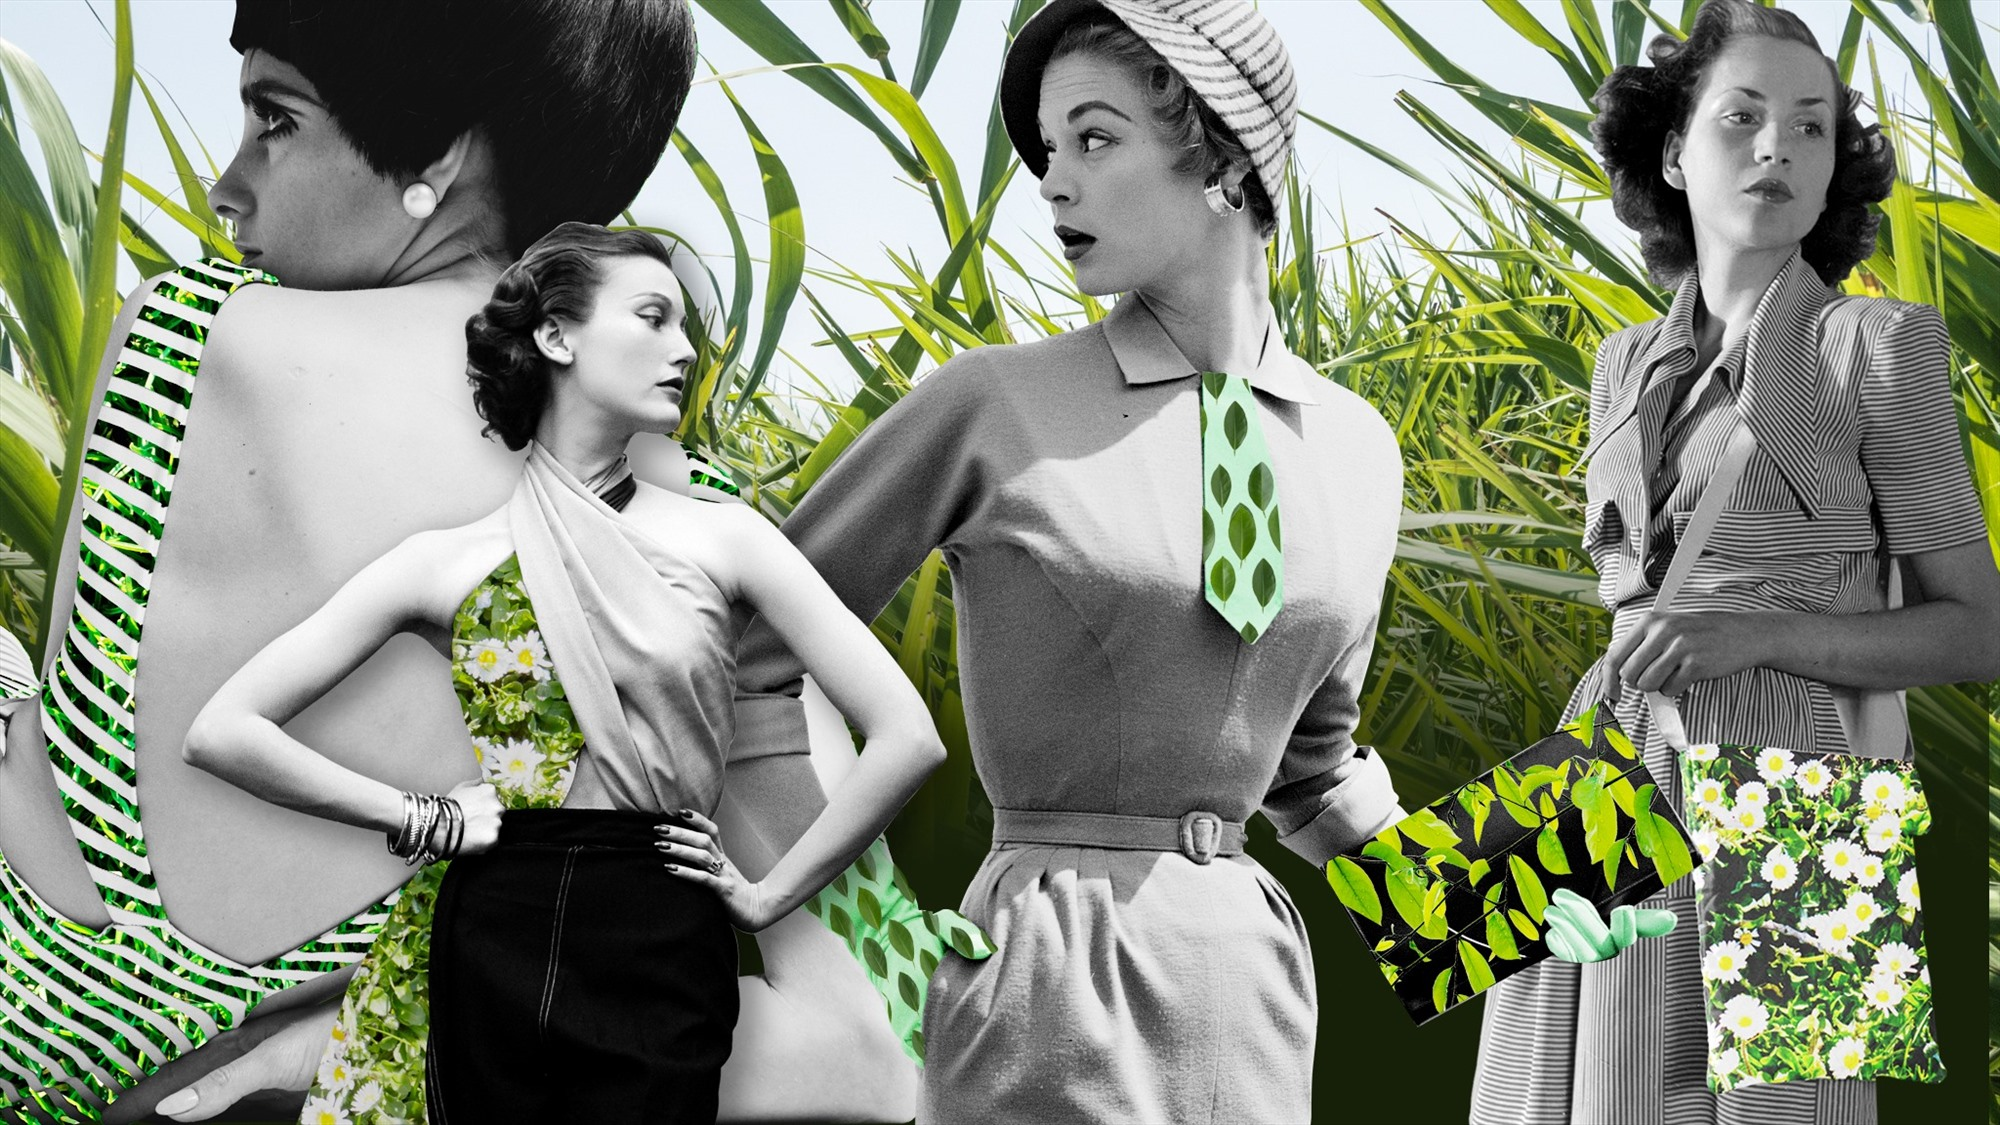 Những bộ sưu tập thời trang từ nguyên liệu thân thiện môi trường ngày càng được quan tâm. Ảnh: ft